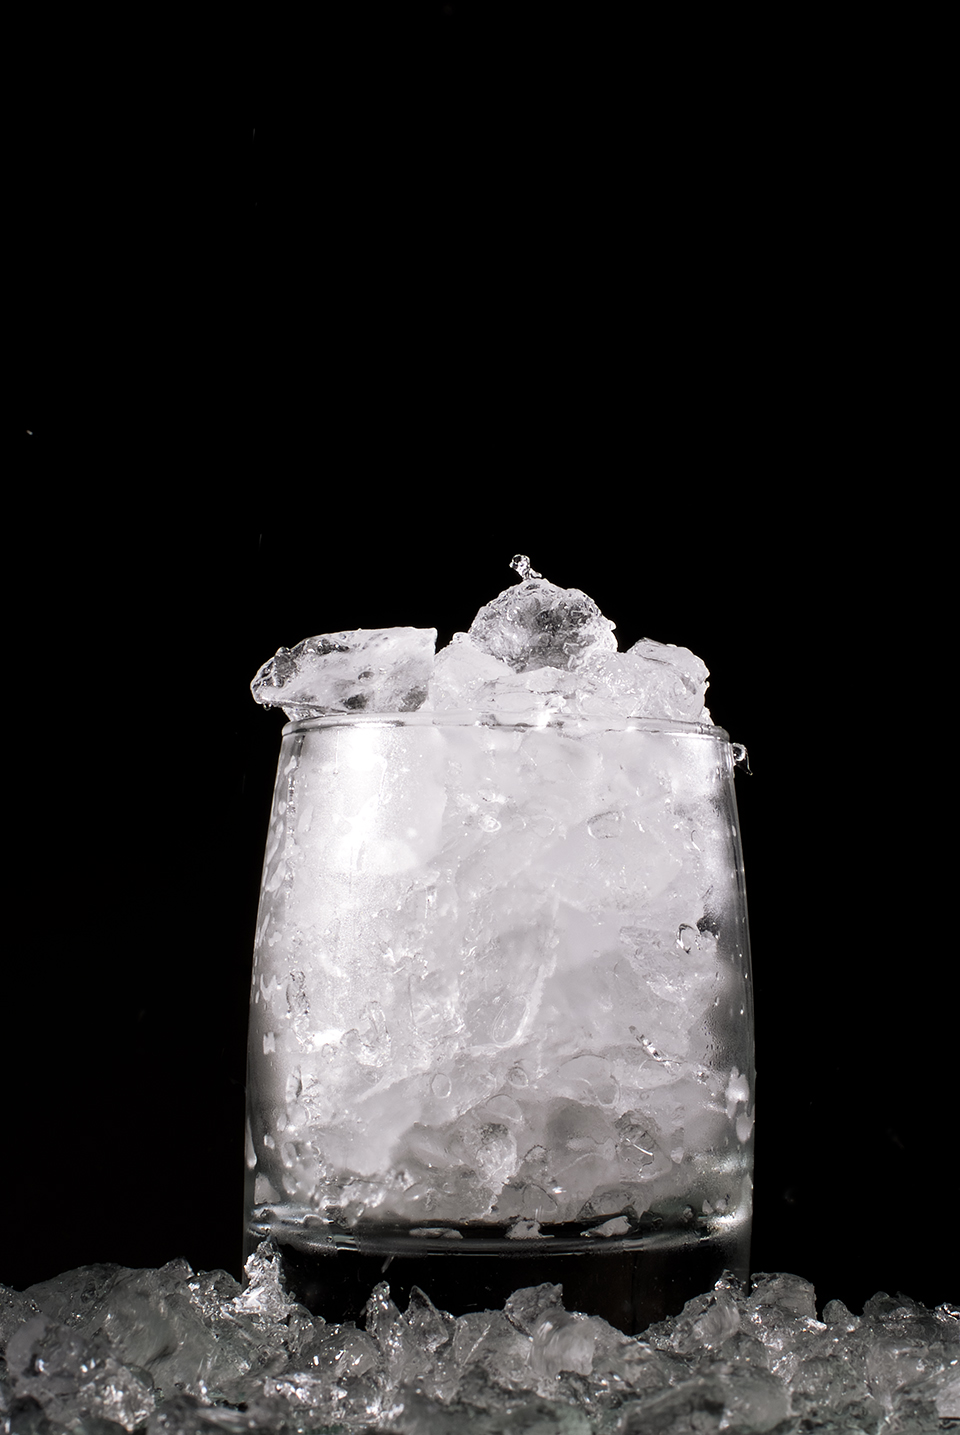 Crushed Ice im kleinen Tumbler